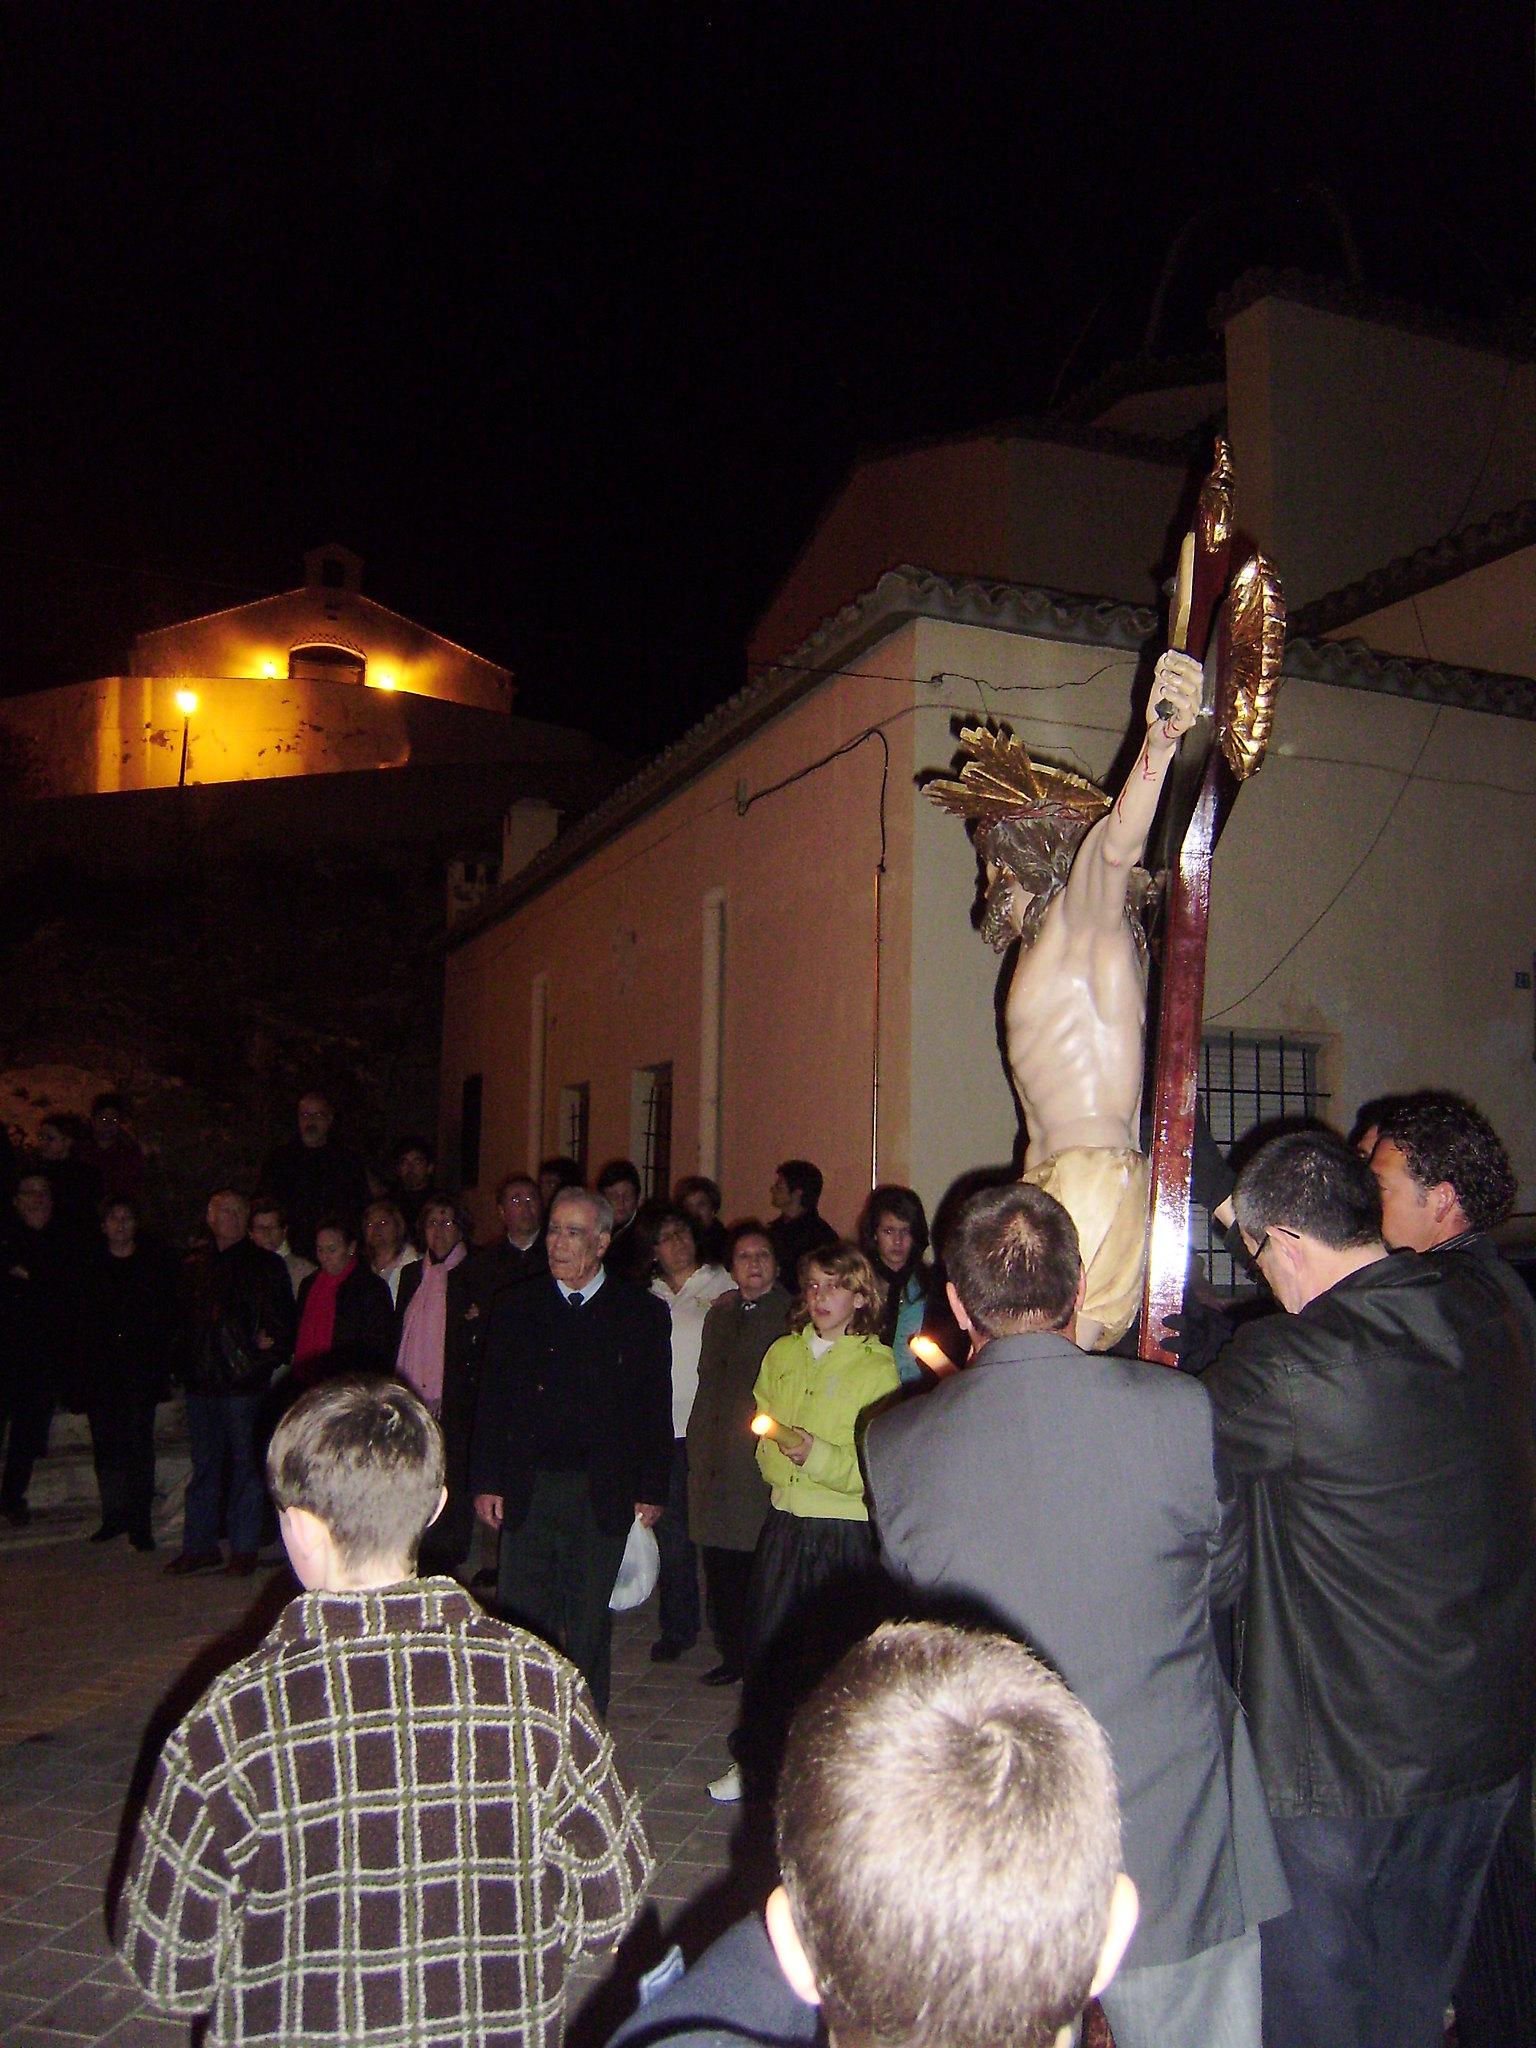 (2010-03-26) - I Vía Crucis nocturno - Javier Romero Ripoll - (19)